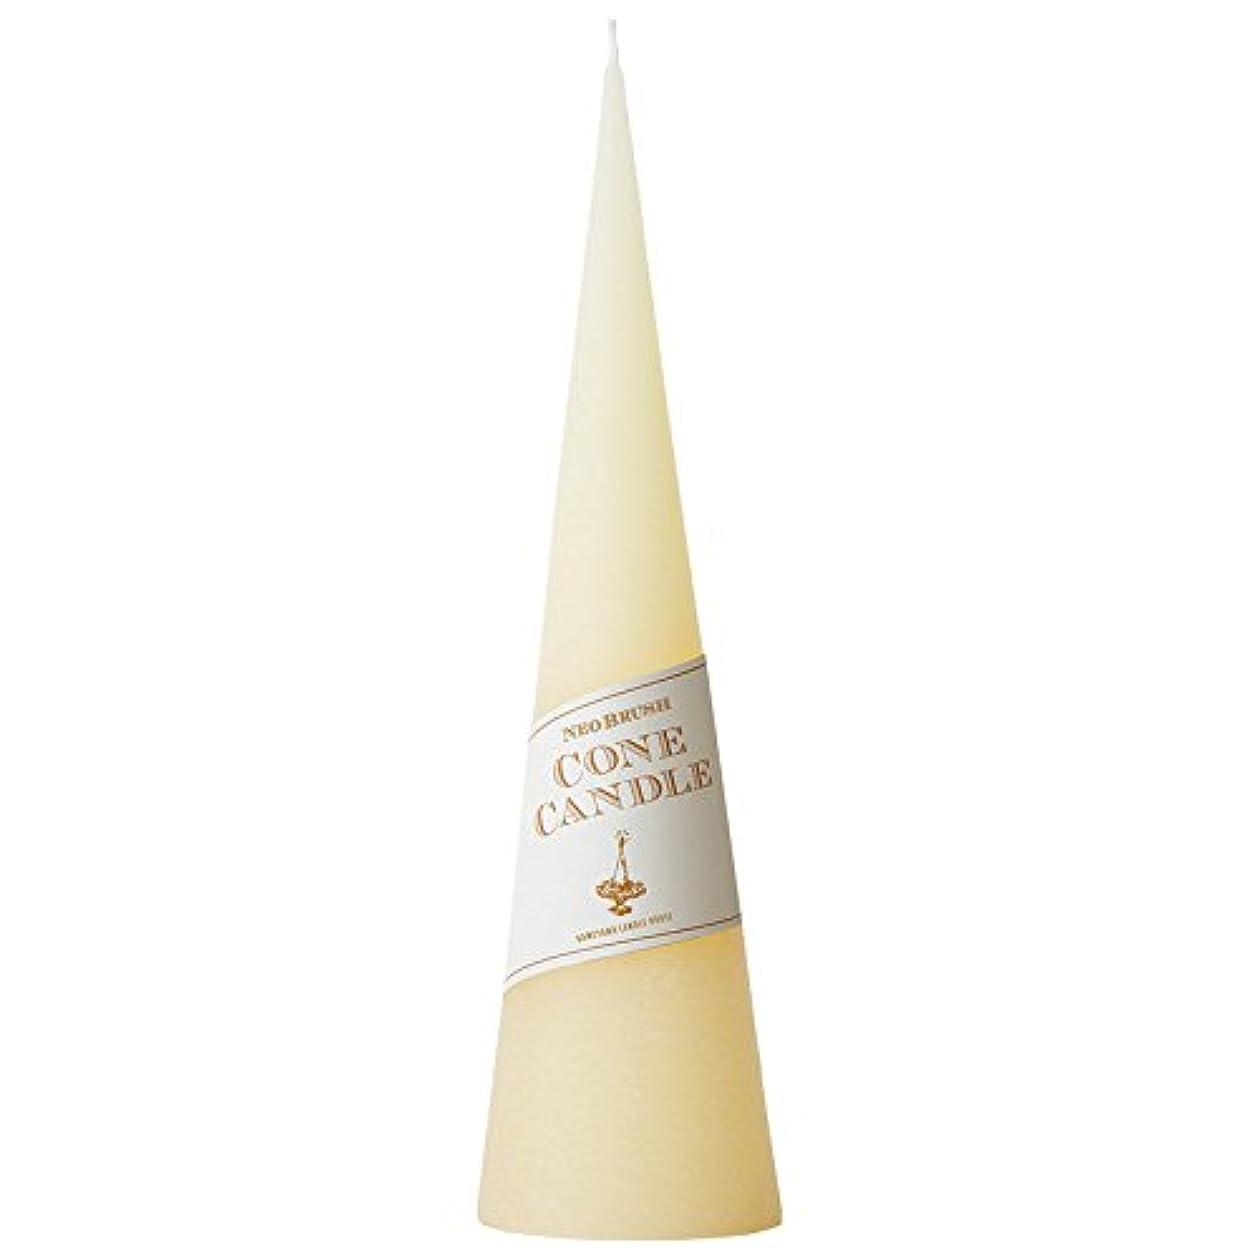 誇りに思う実験をするヒップカメヤマキャンドルハウス ネオブラッシュコーン キャンドル 230mm アイボリー